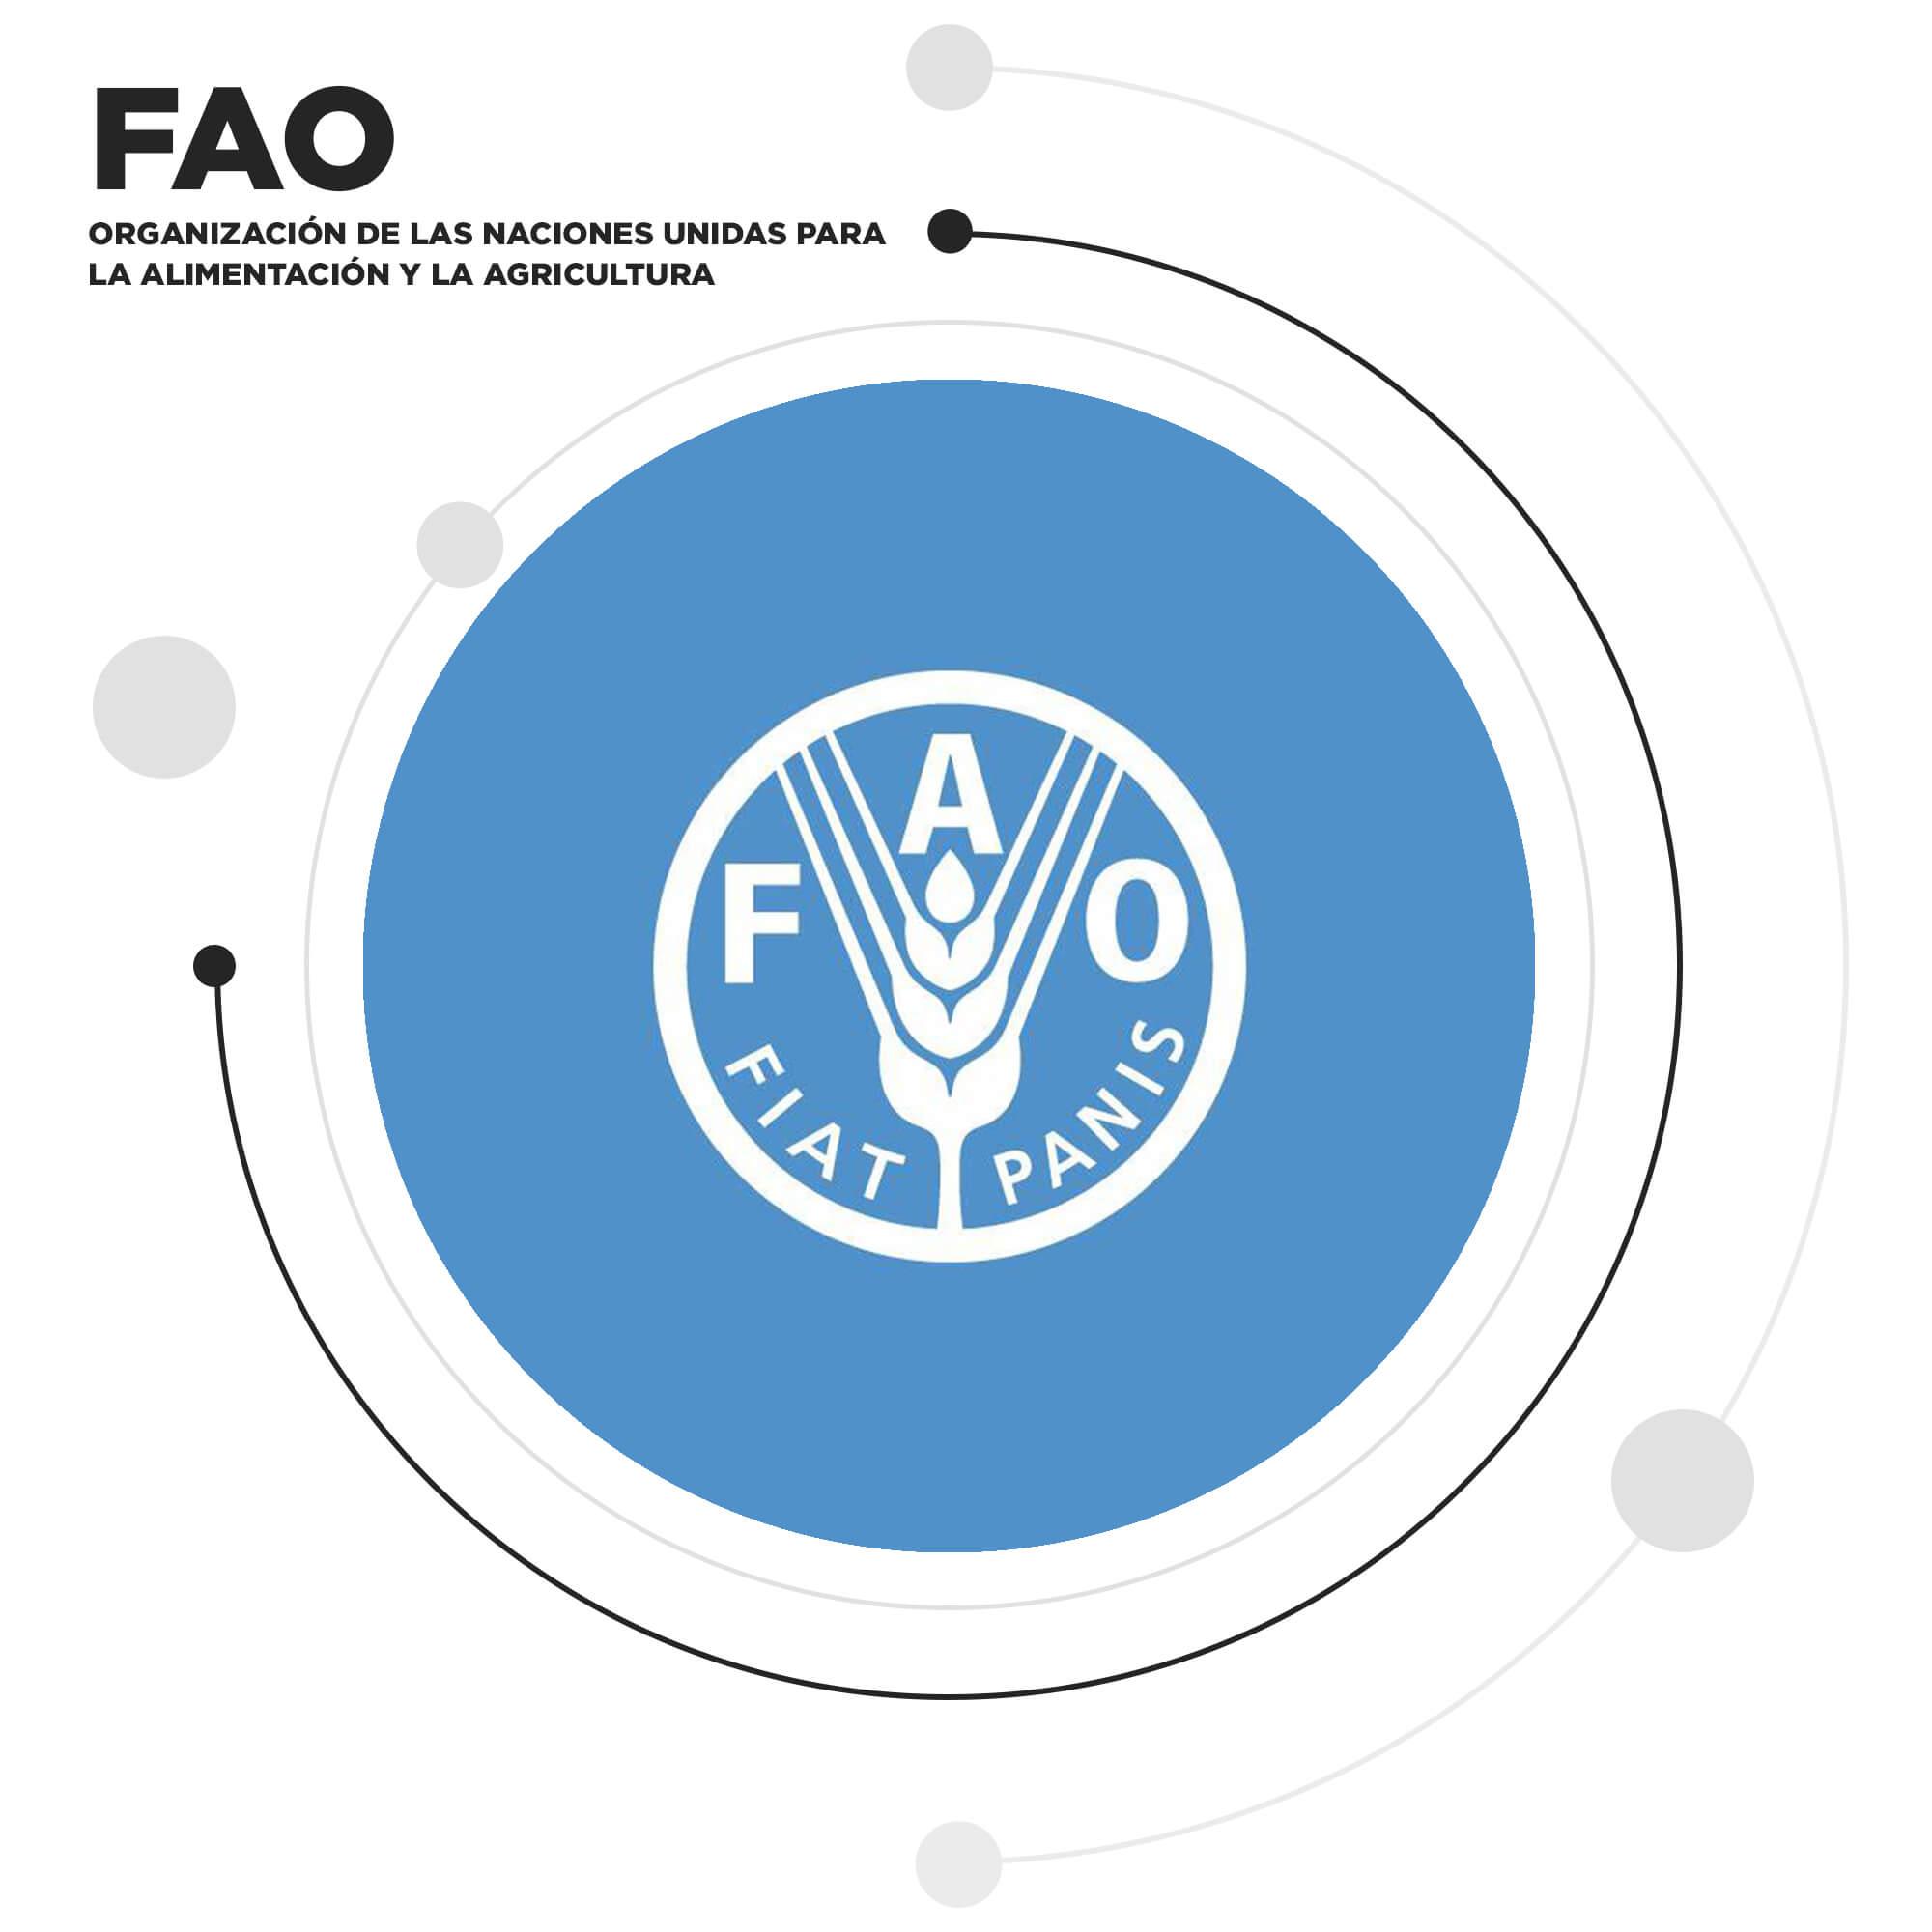 ALIADOS FAO